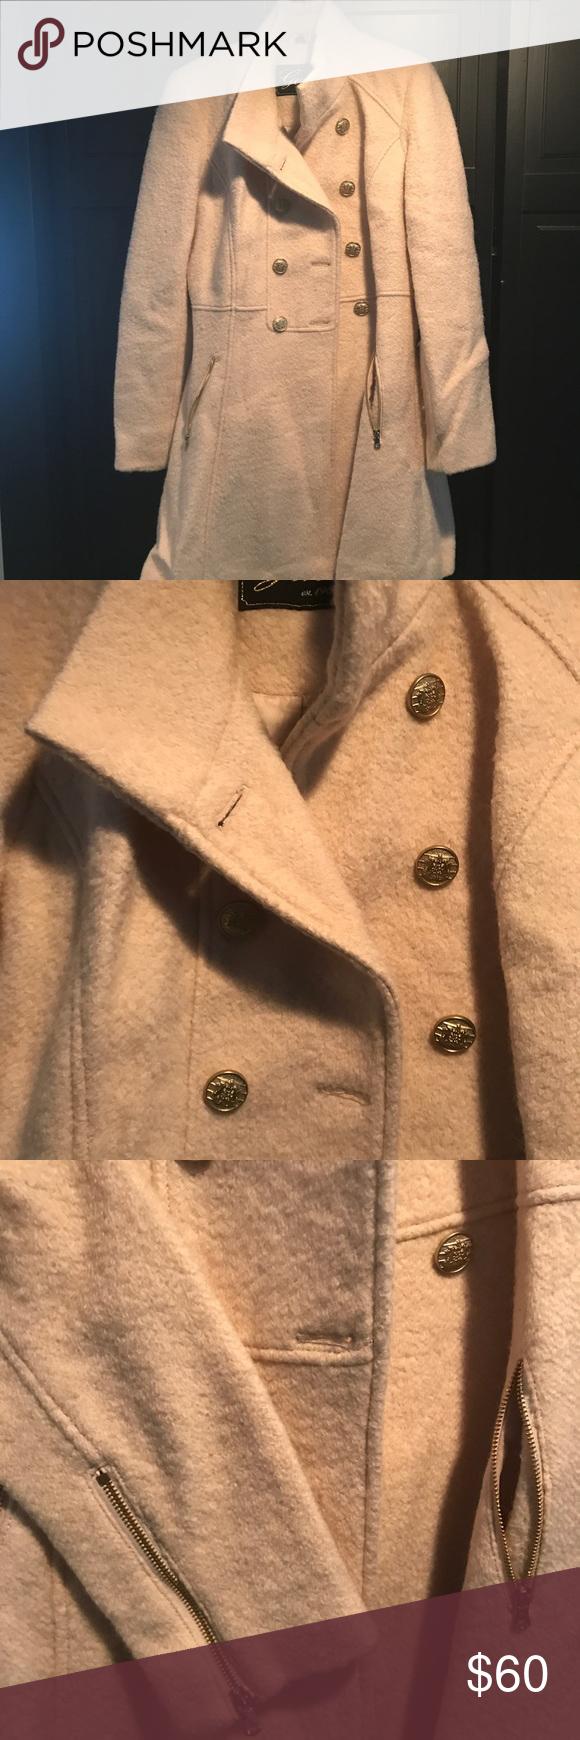 Guess Coat Size Medium Oatmeal color | Oatmeal color, Coat